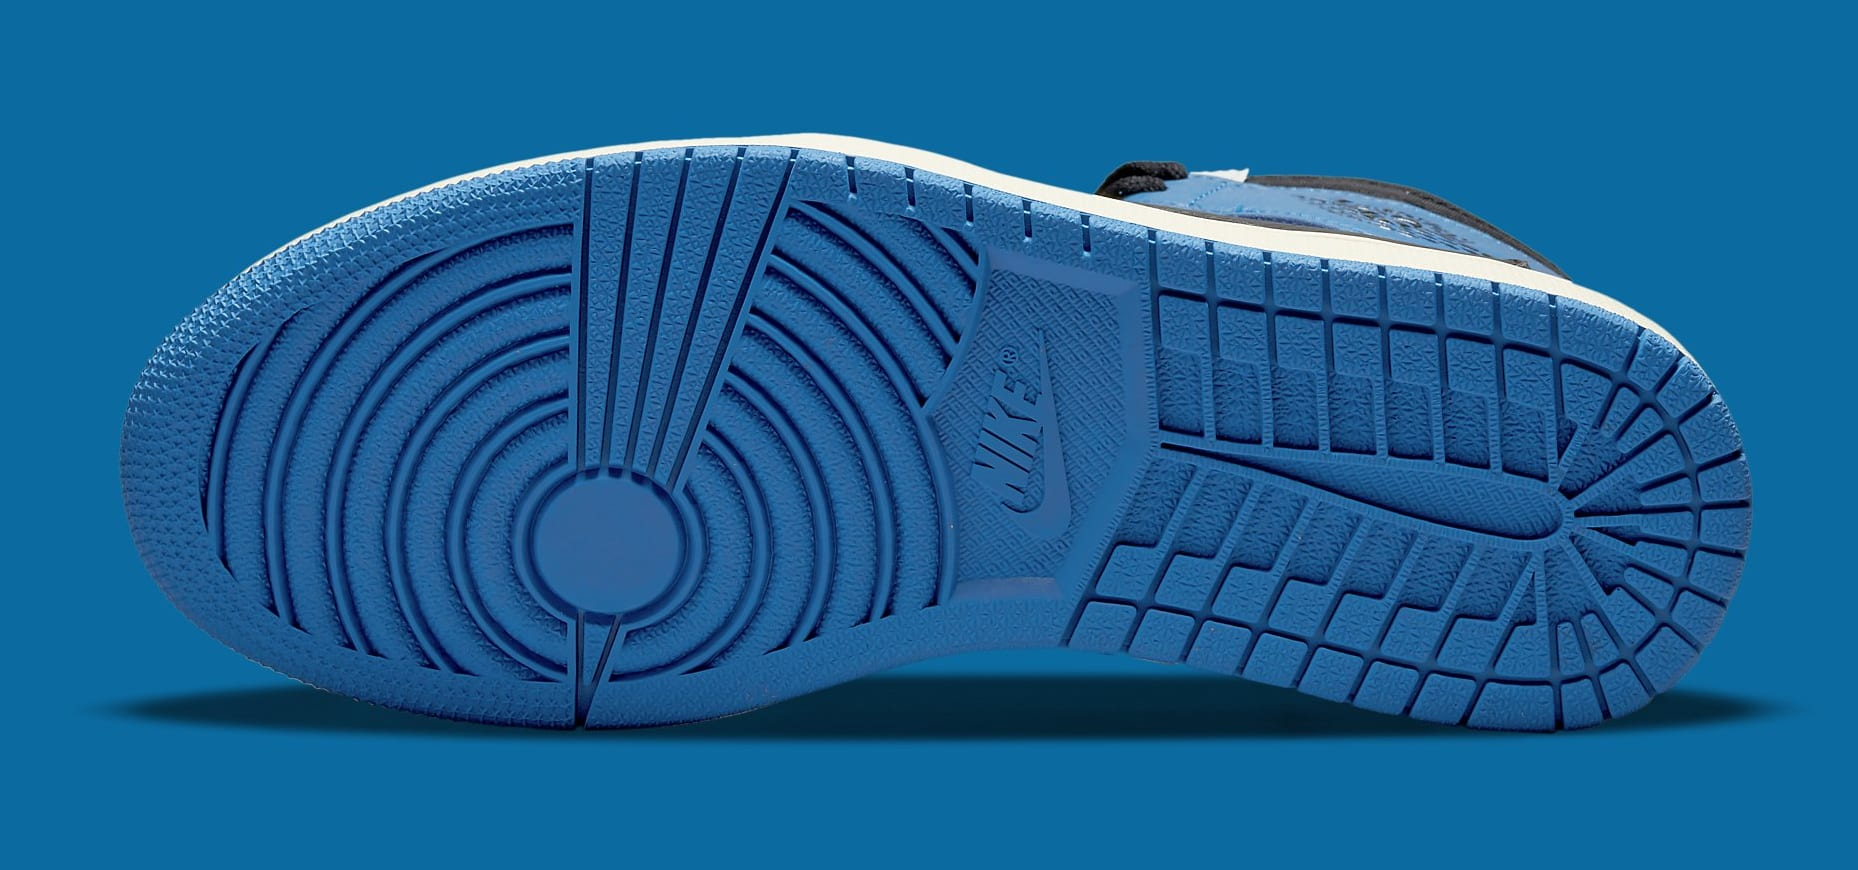 Fragment x Travis Scott x Air Jordan 1 High DH3227-105 Outsole